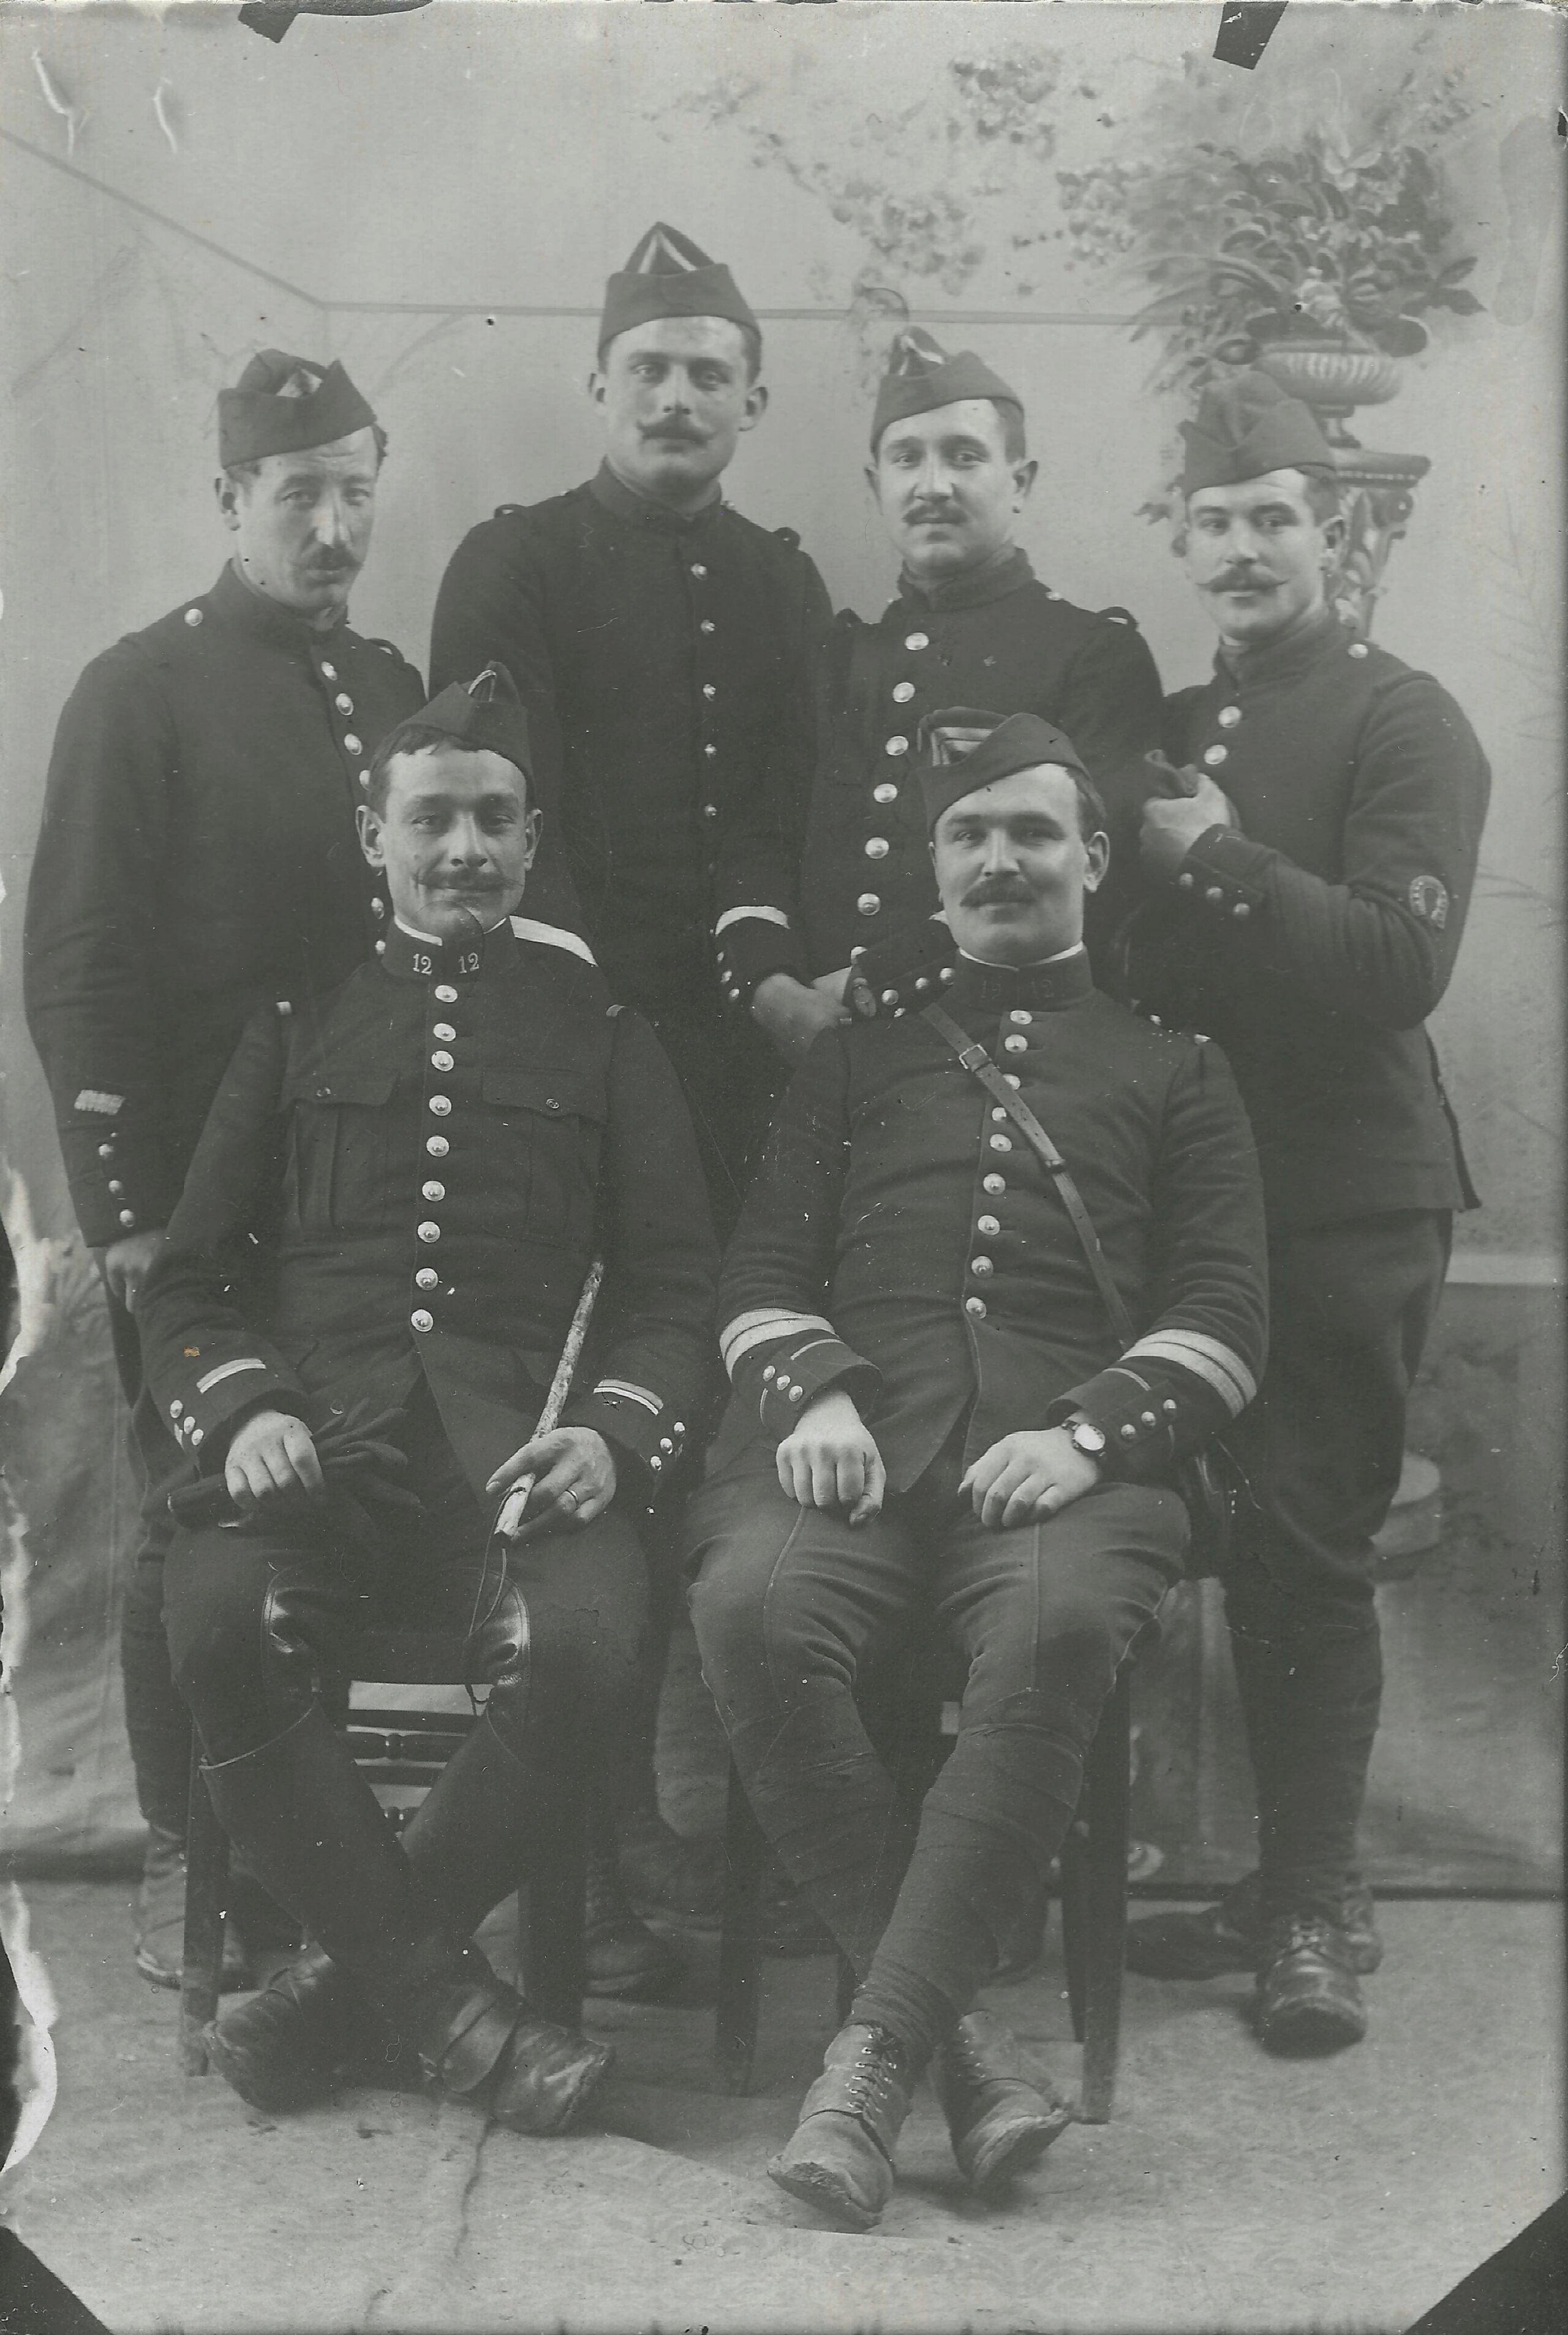 - Les Cuirassiers du Dauphin Cavalerie - - Page 2 Cdv_c114